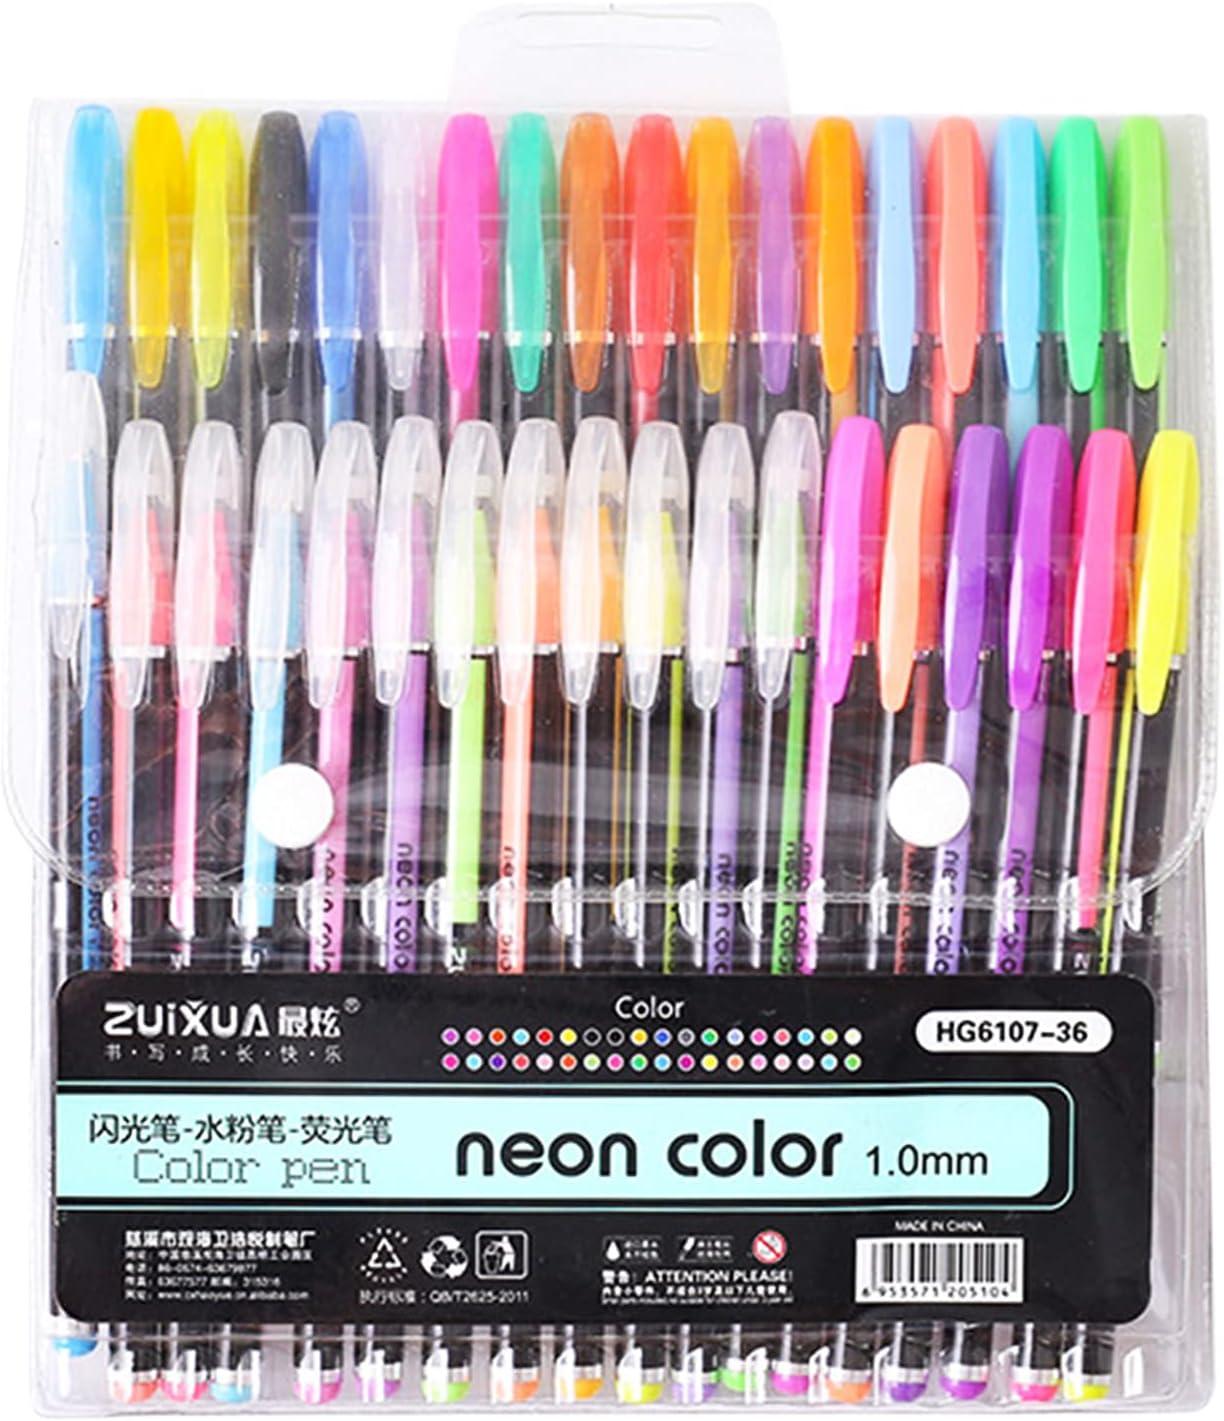 36 latest service Colors No Duplicates G-el Pens Set Kit Dr 1mm for L-ead Pen